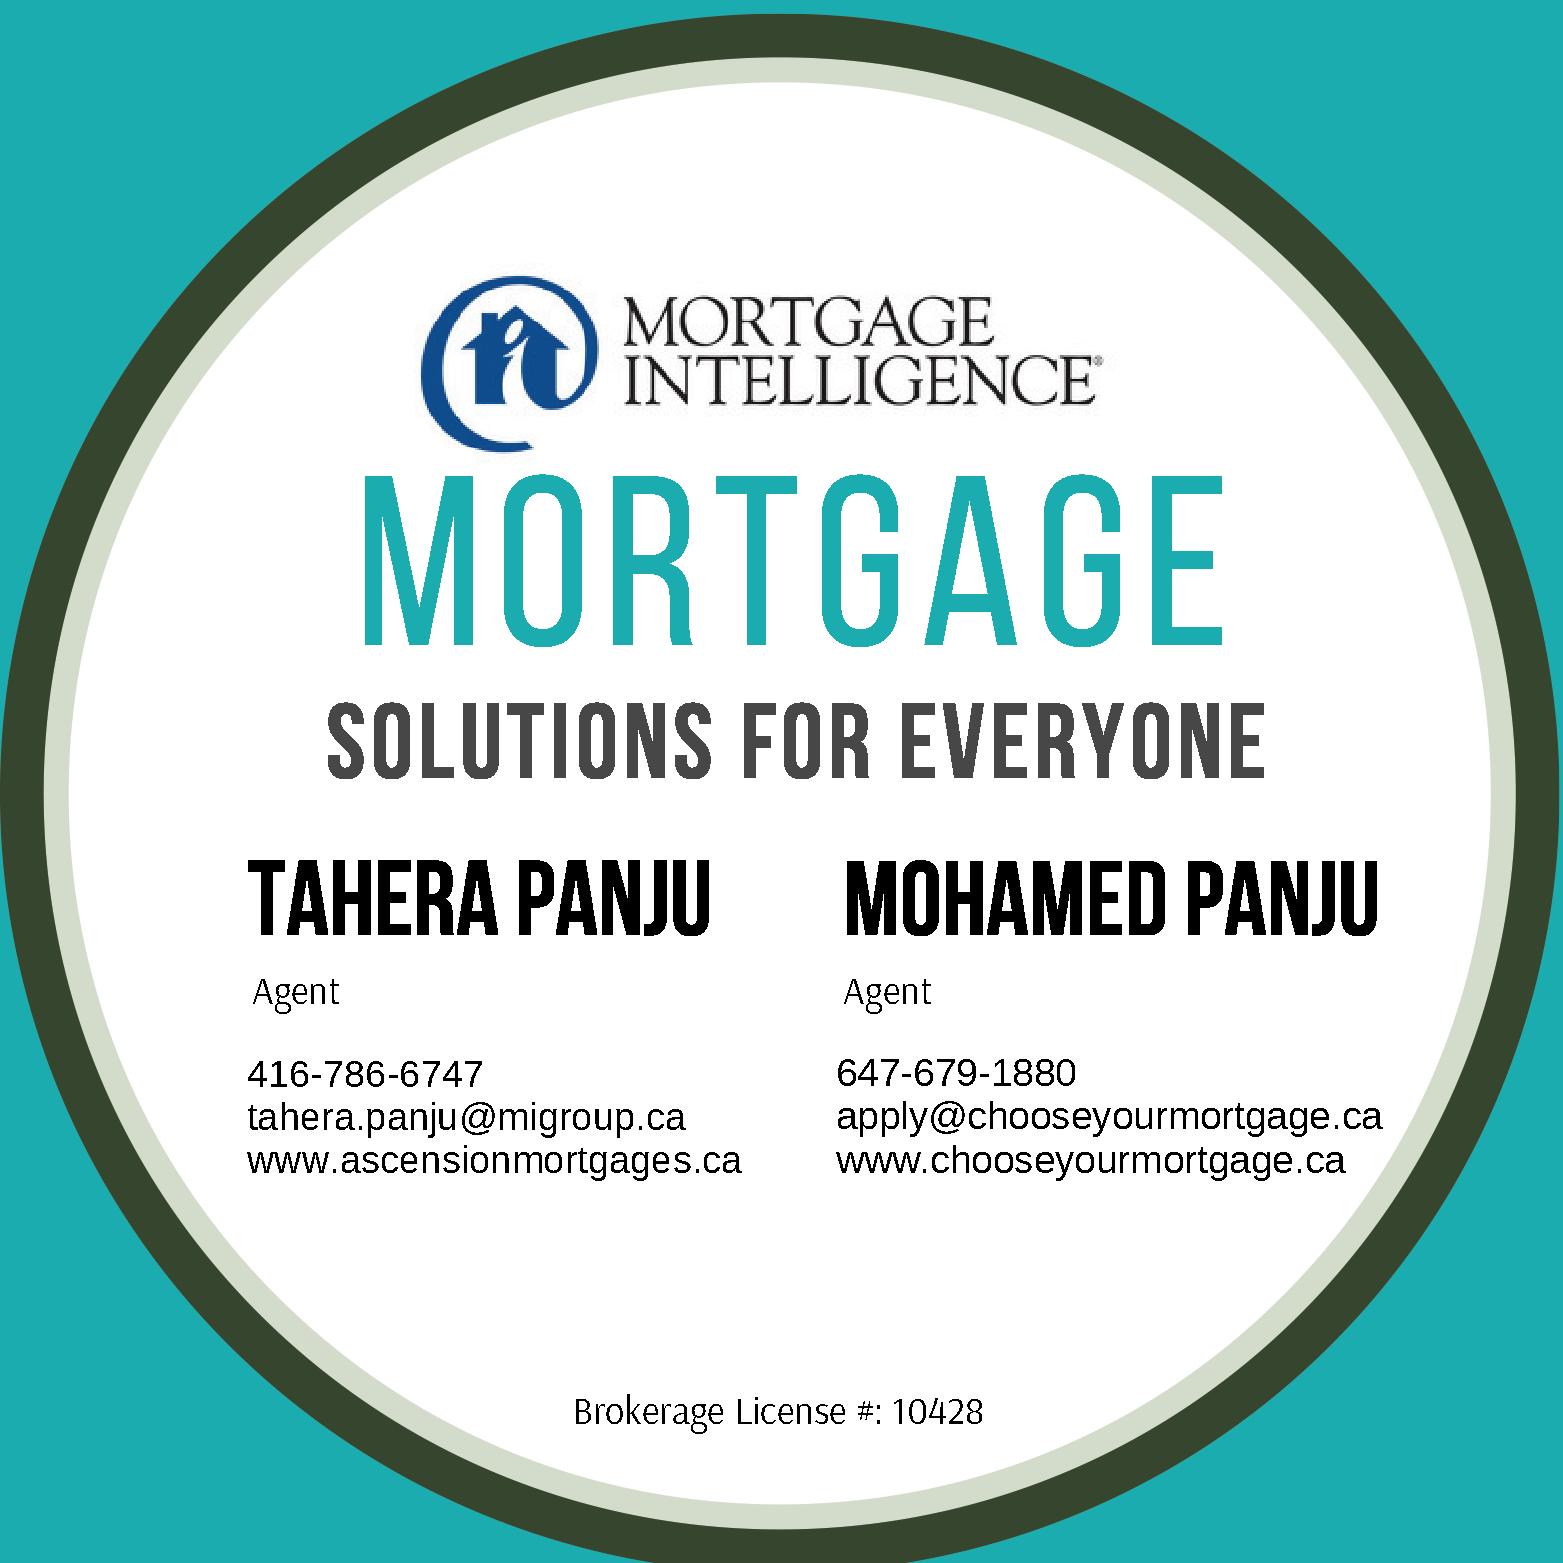 mortgage-intelligence-logo-web